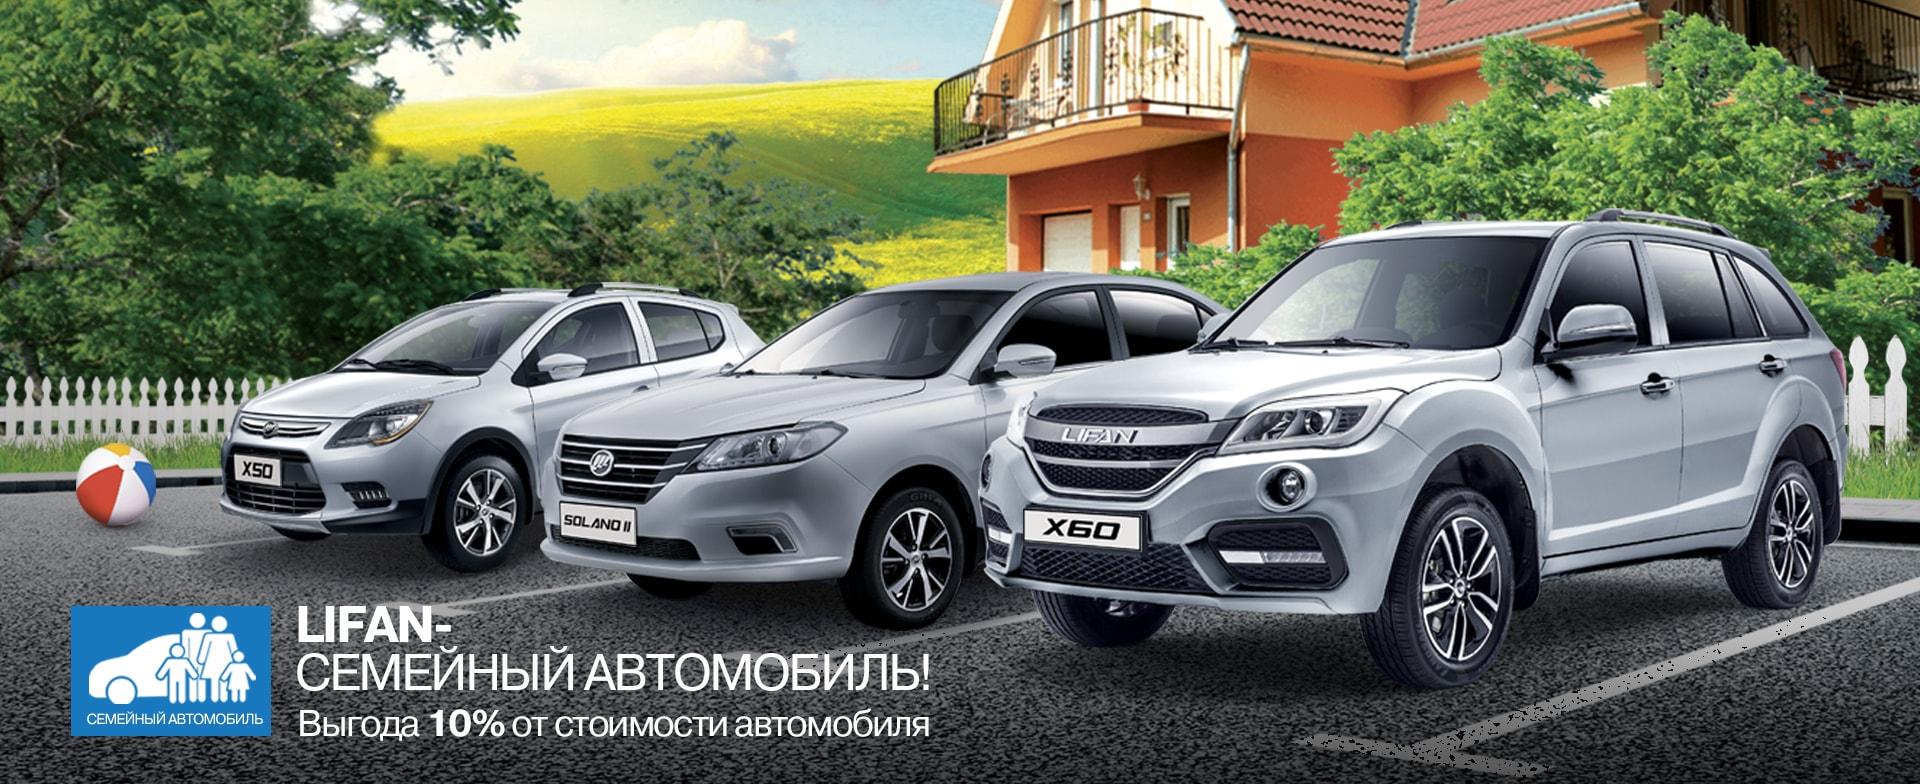 Картинки по запросу лифан-семейный автомобиль